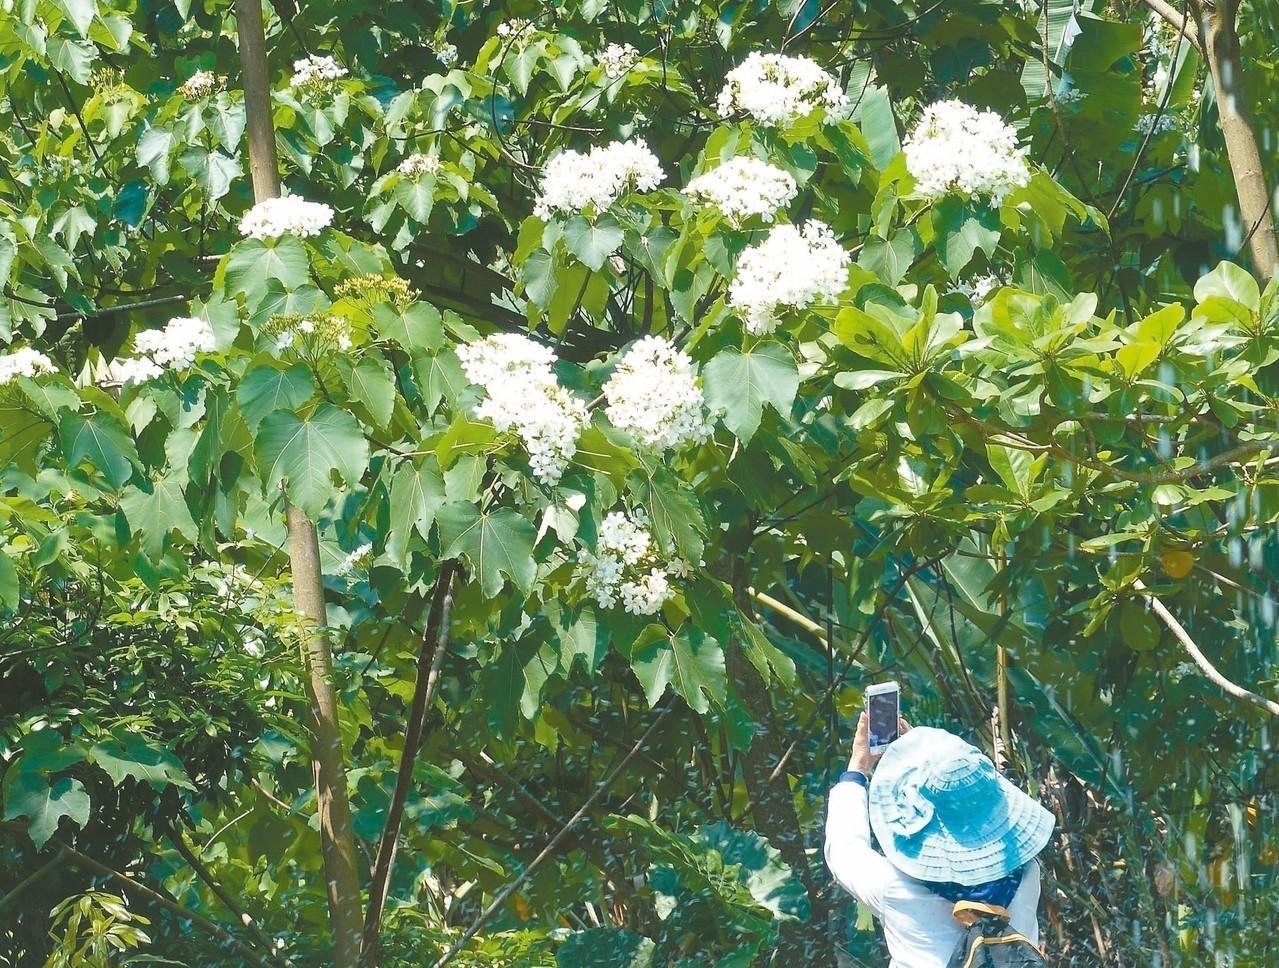 彰化市福田賞桐生態園區的油桐花花朵既大又美。 記者劉明岩/攝影